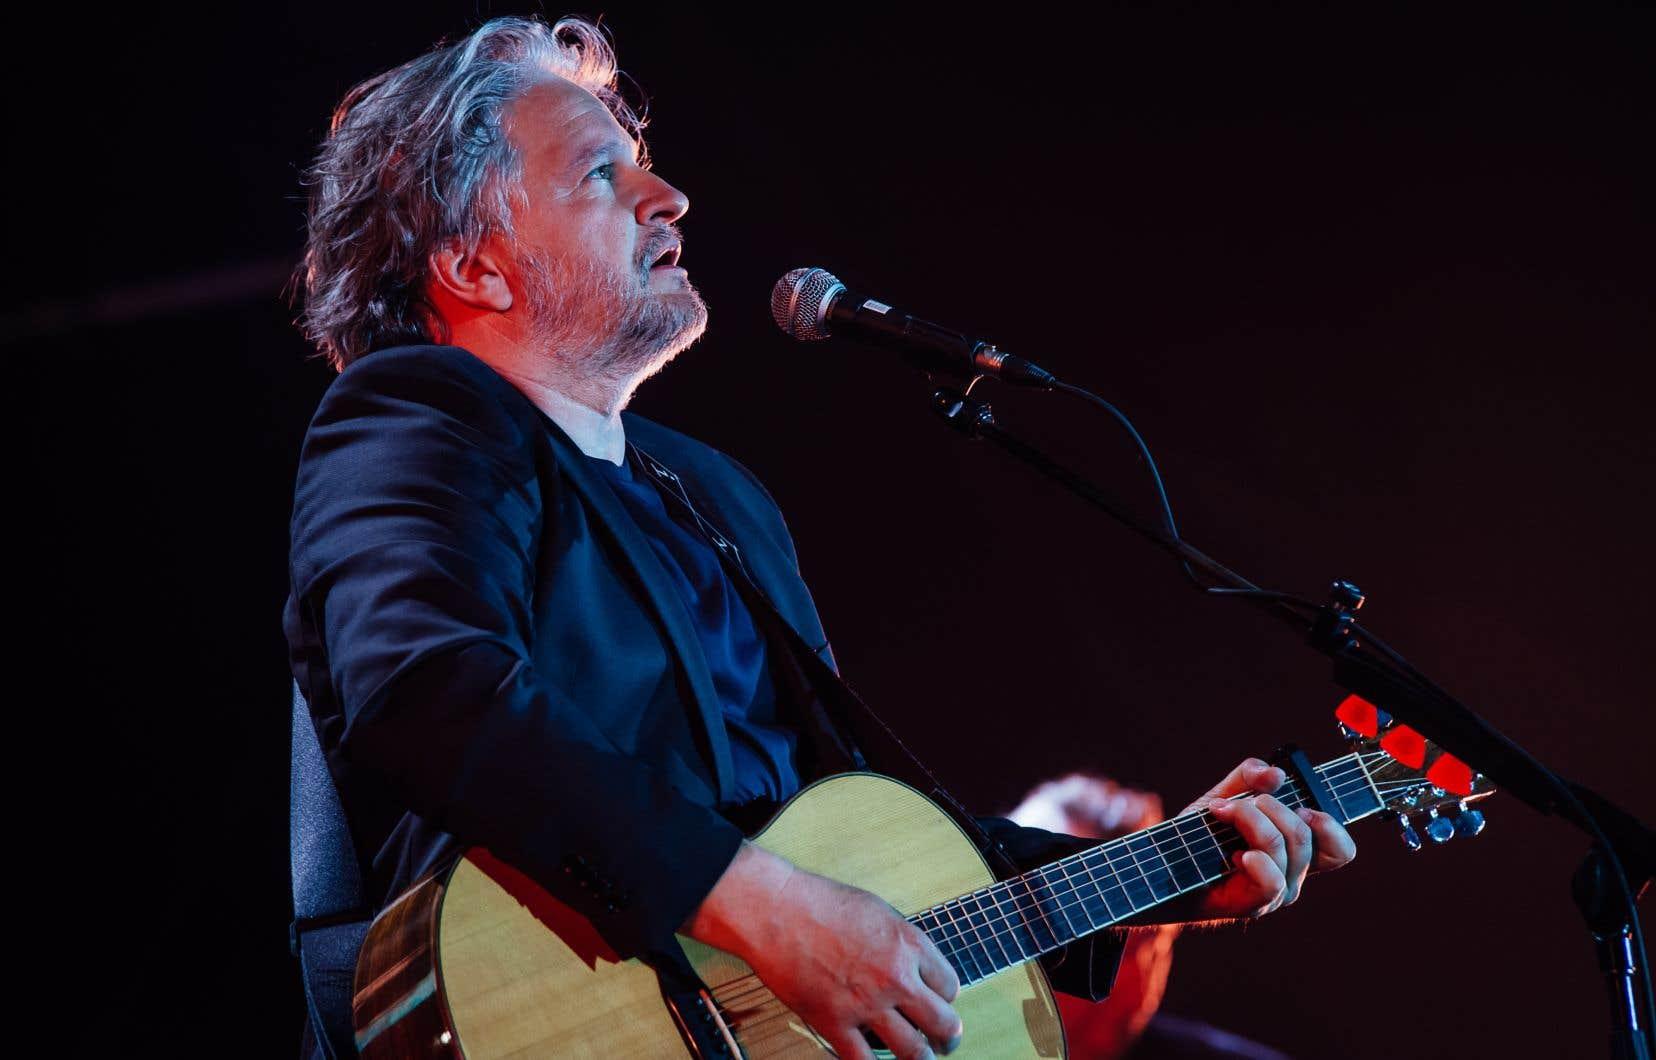 Daniel Bélanger proposera le disque «Travelling», du Bélanger instrumental qui se situe entre la bande originale morriconnienne et un voyage astral.